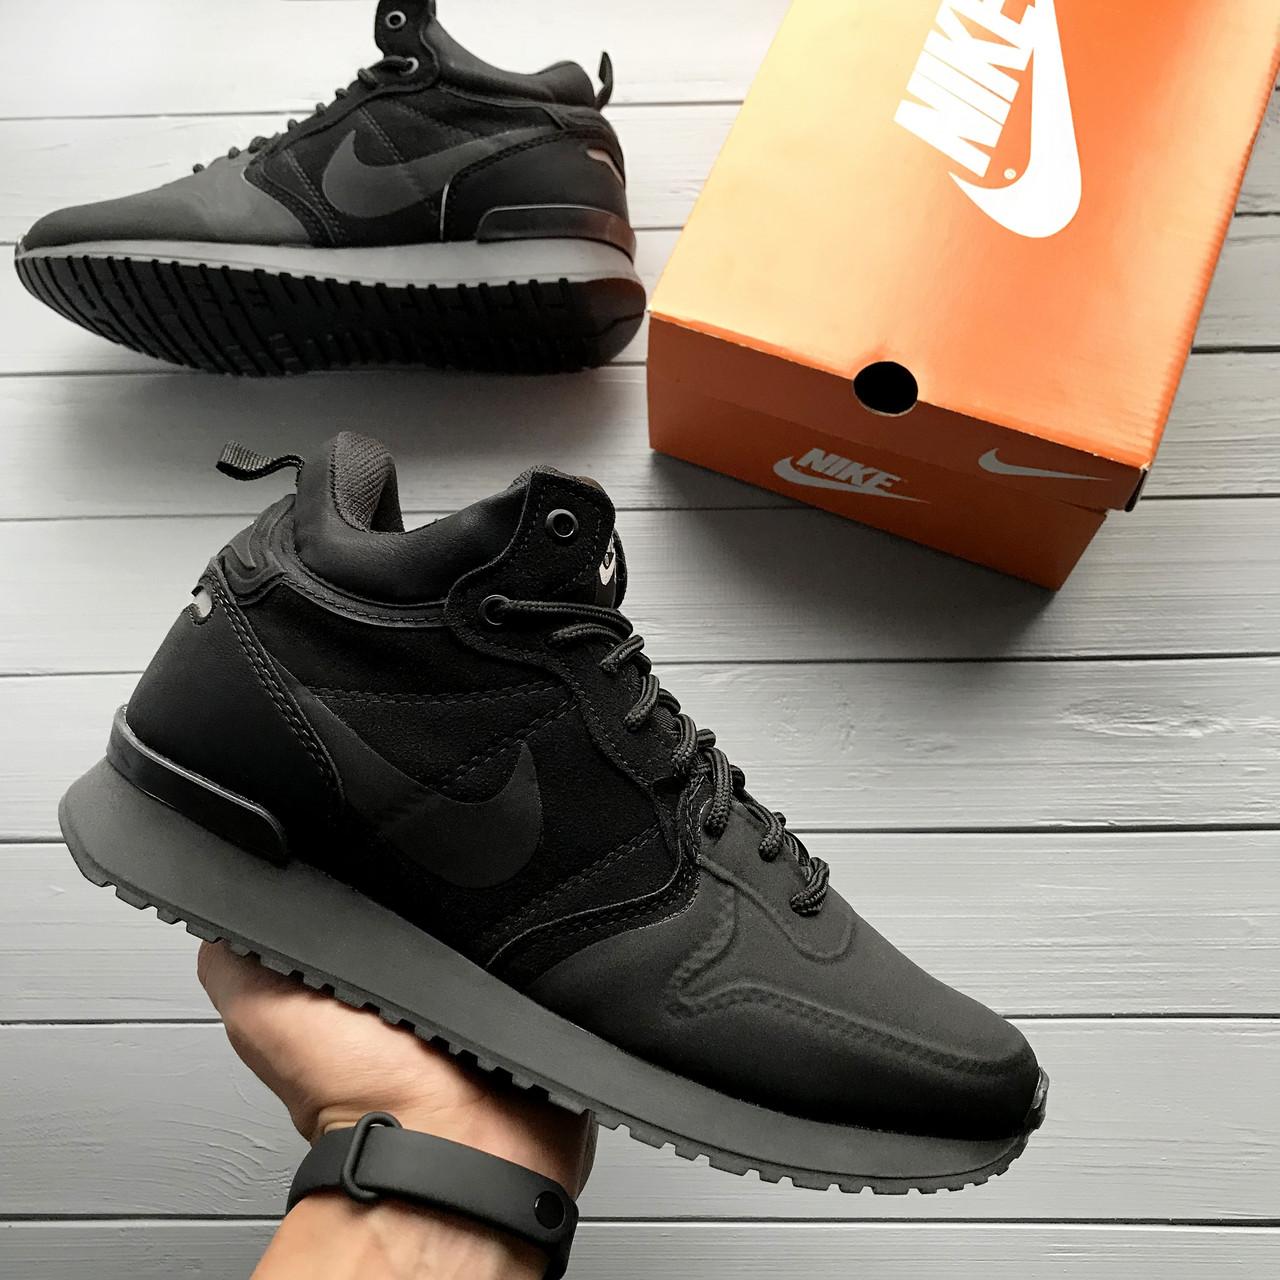 Мужские кроссовки Nike евро зима  950 грн. - Спортивная обувь Желтые ... eac7eb1a76567